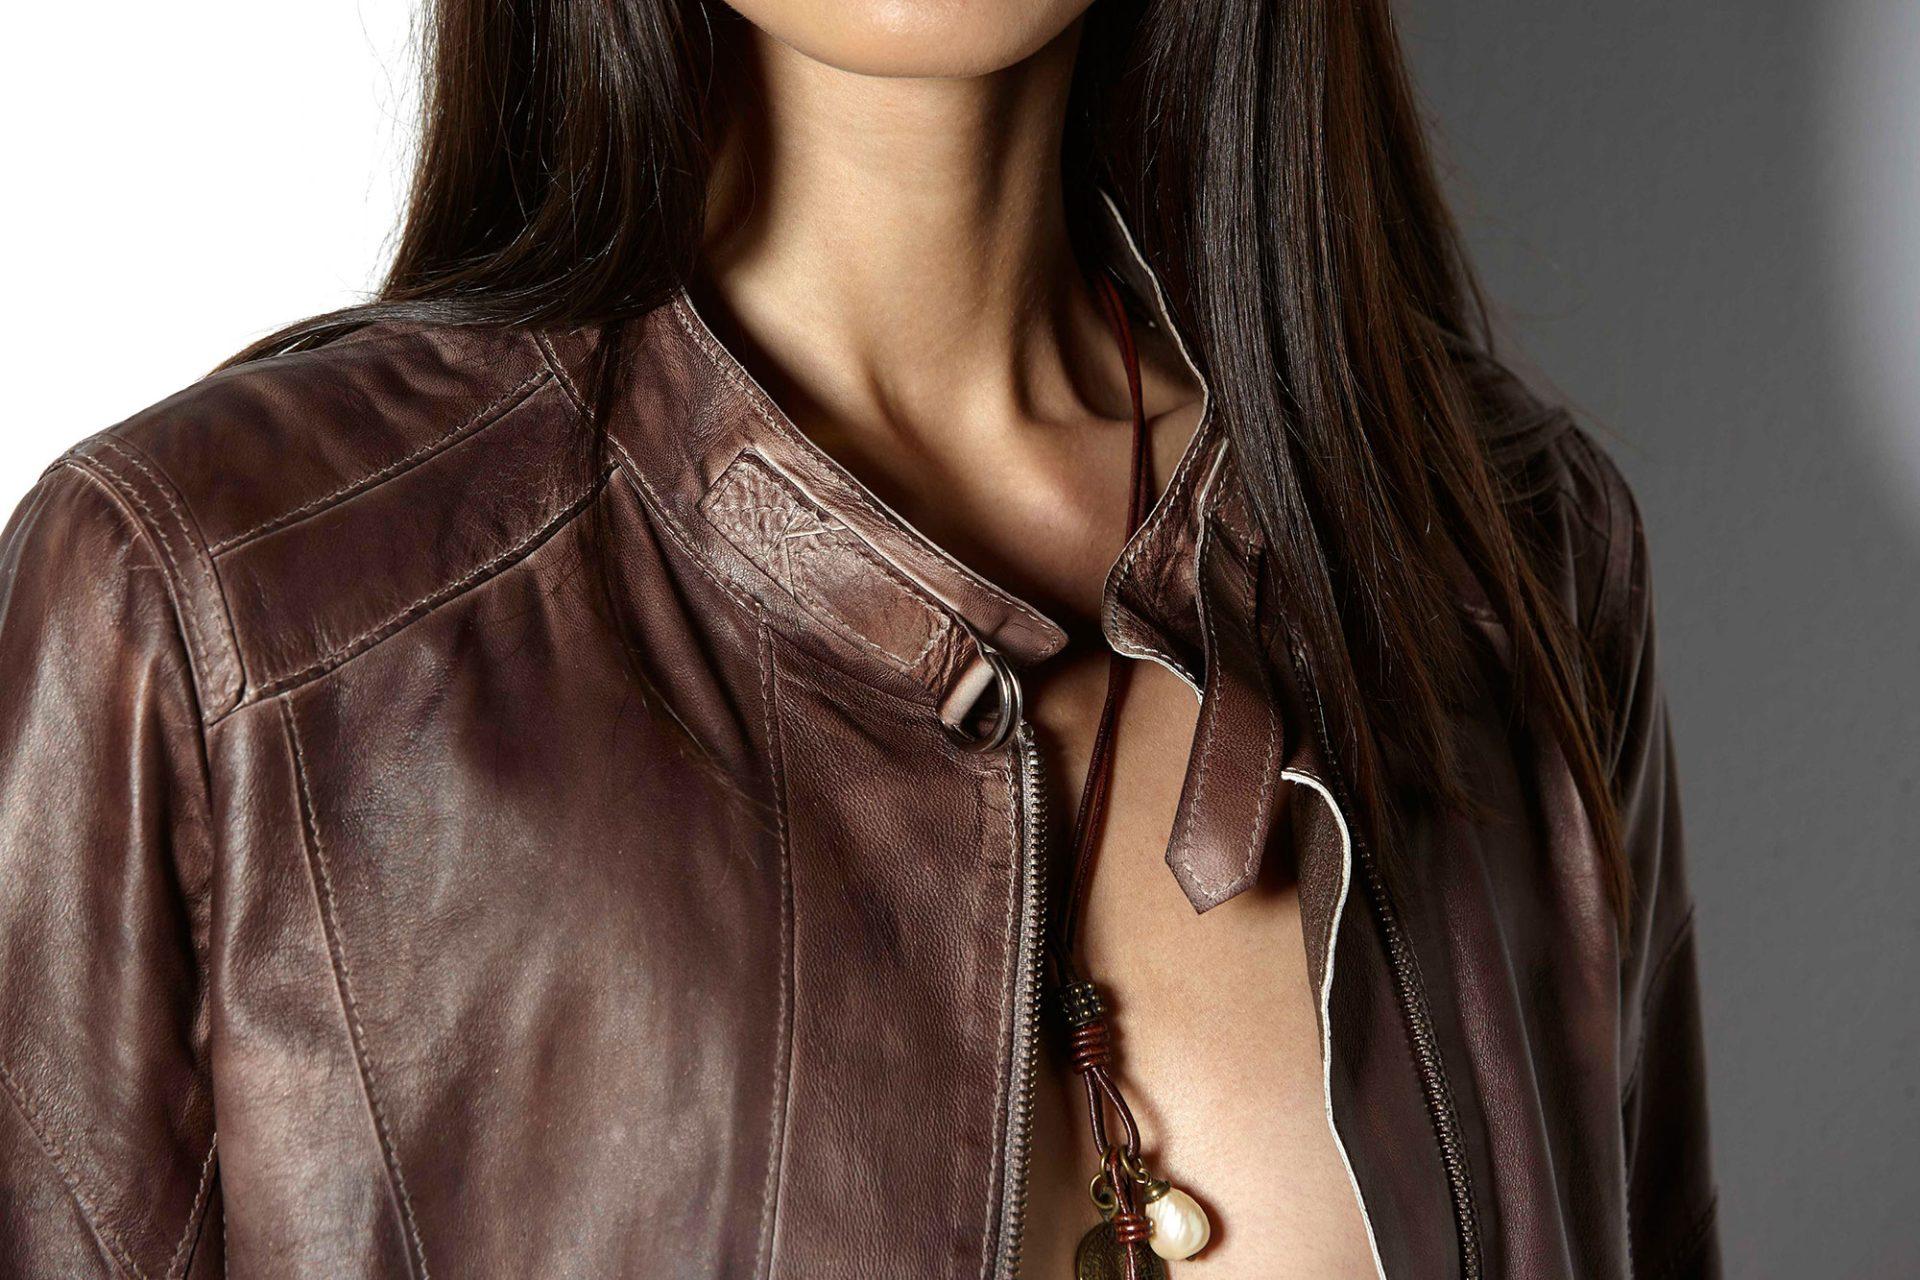 Nahaufnahme eines Kragens einer braunen Lederjacke